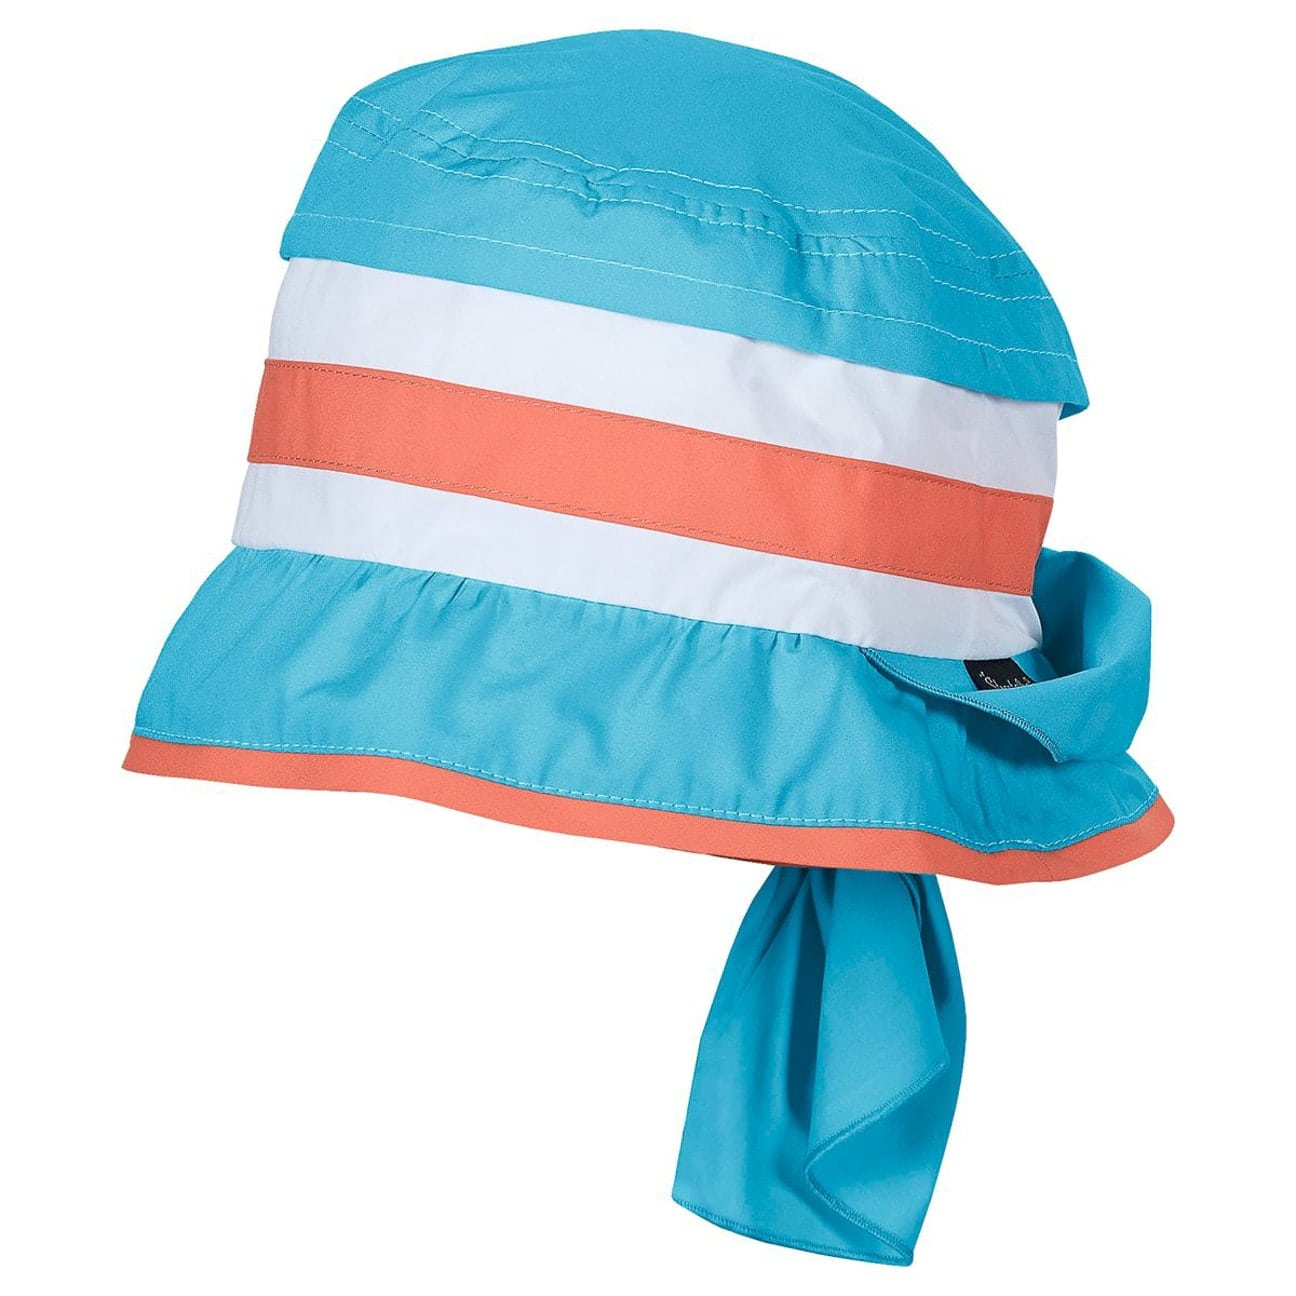 Sombrero de Sol Maike by Sterntaler  sombrero de verano